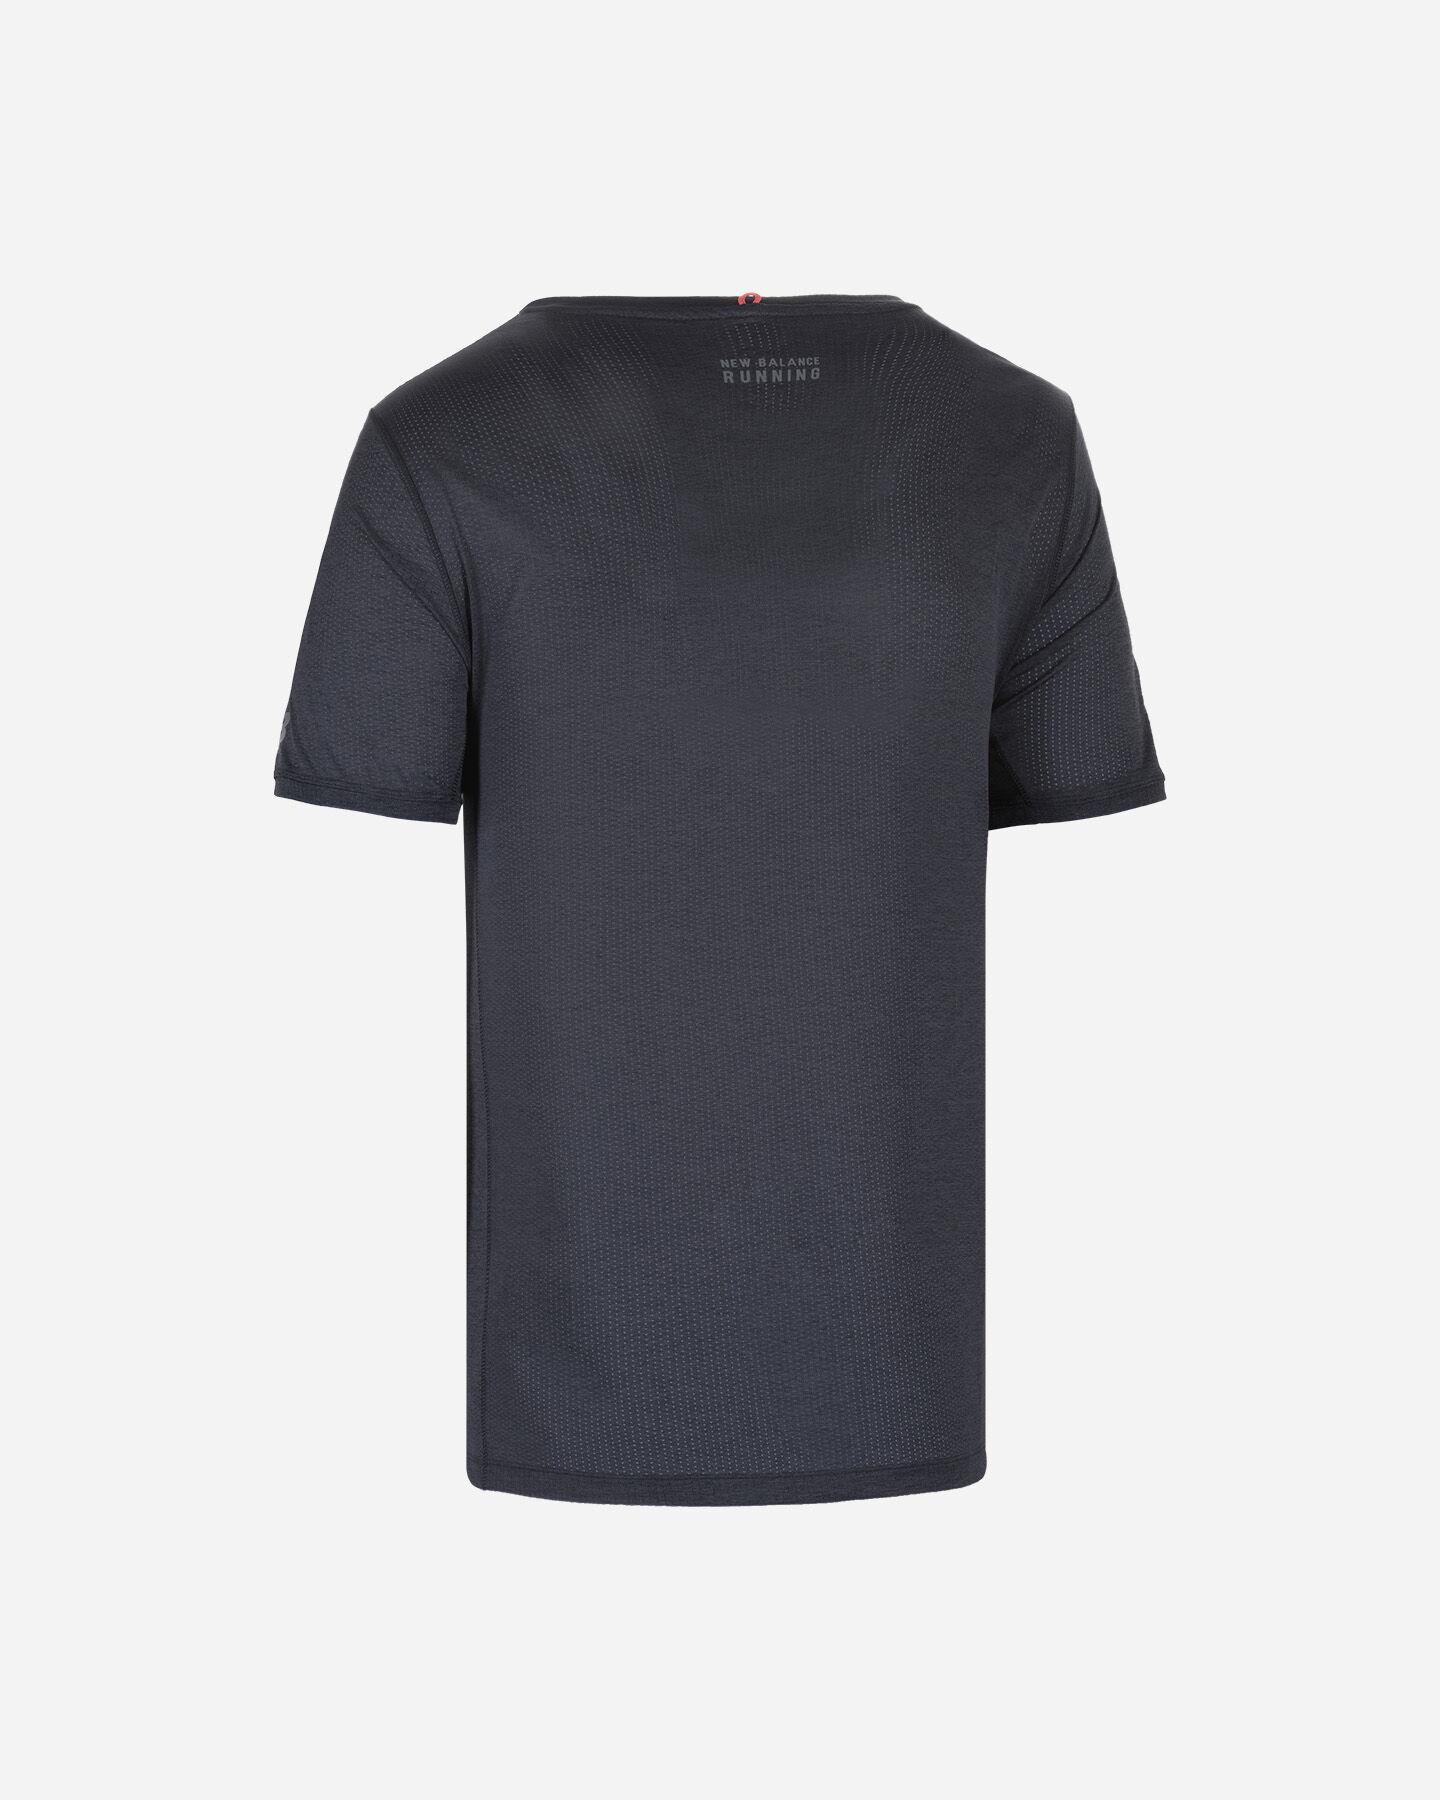 T-Shirt running NEW BALANCE PRINTED IMPACT RUN M S5166295 scatto 1